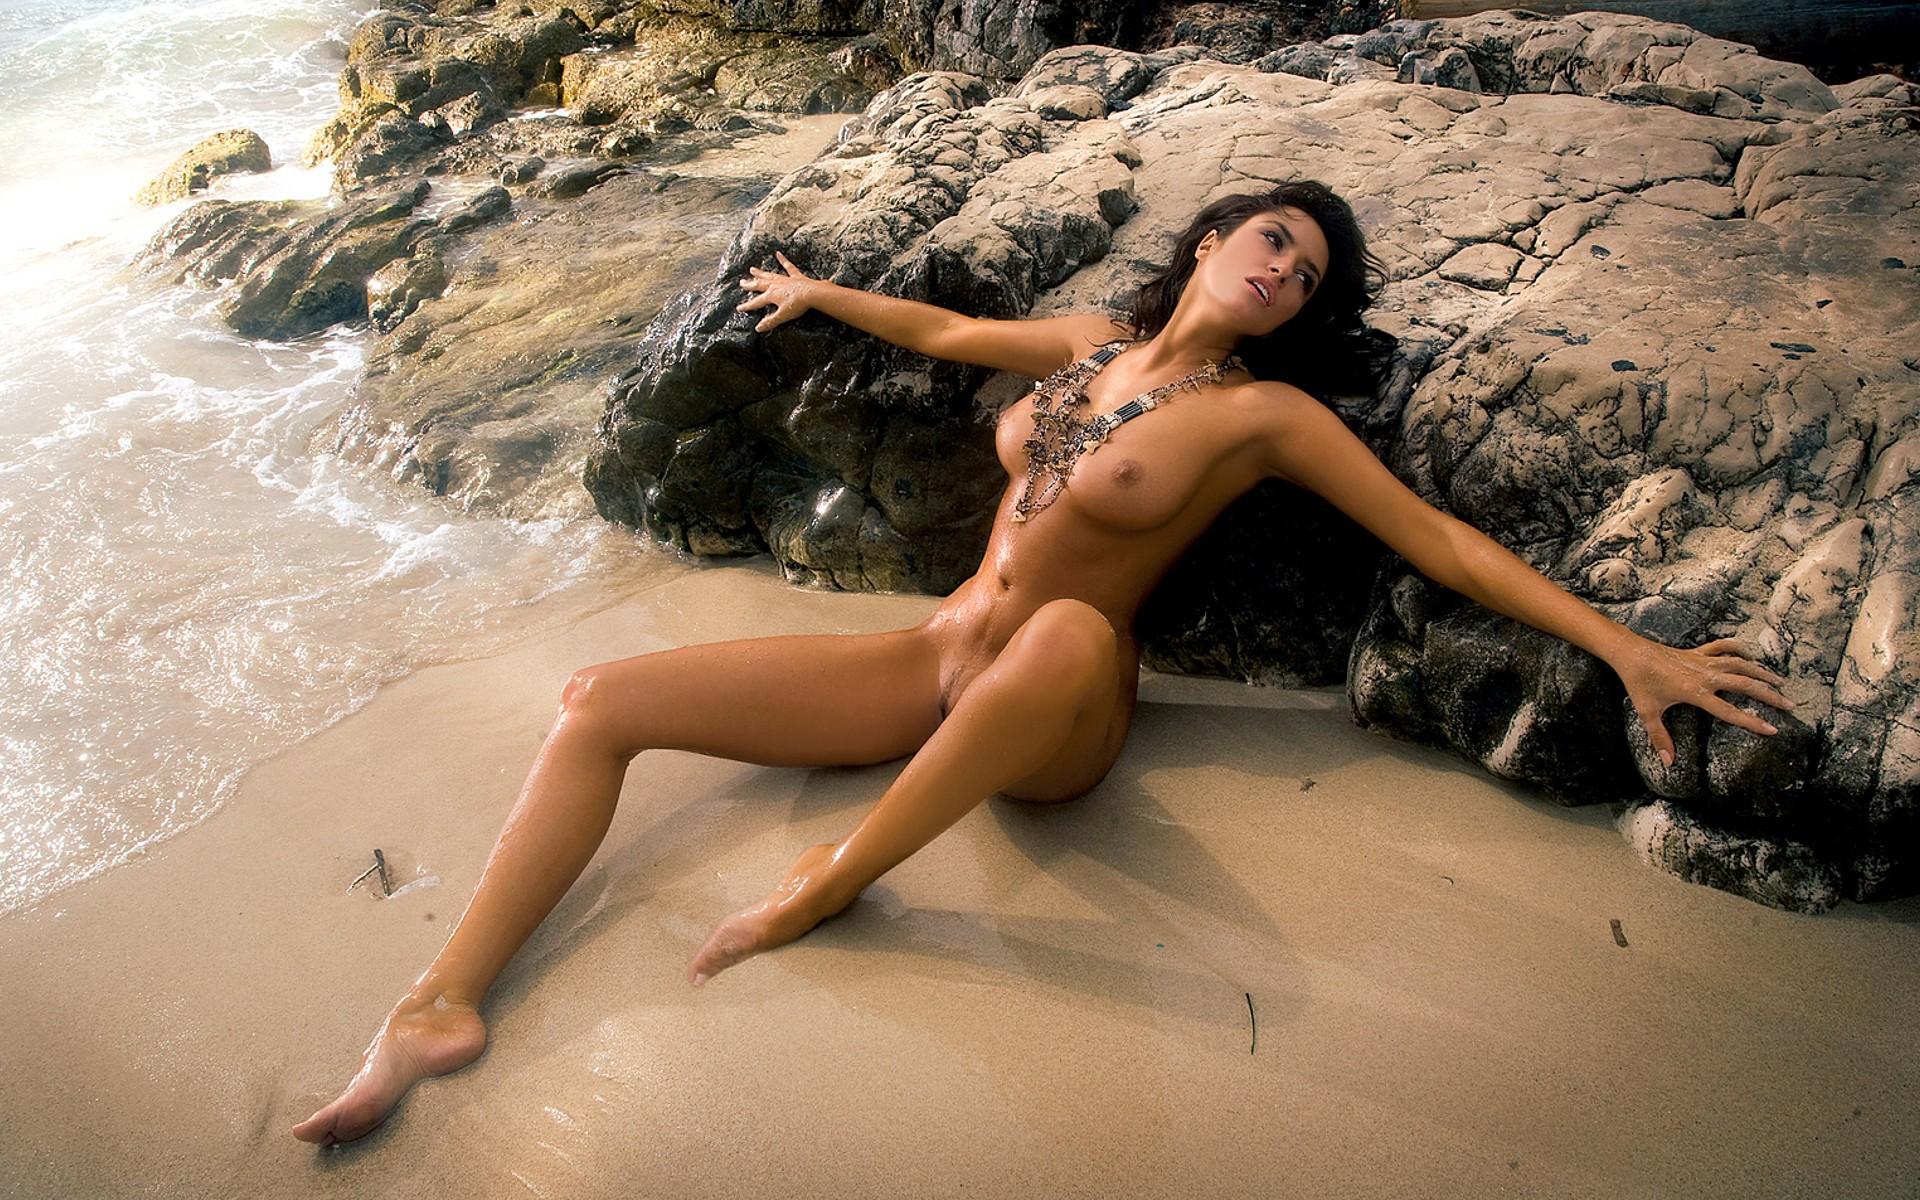 эротическое видео отличного качества голых девушек - 1